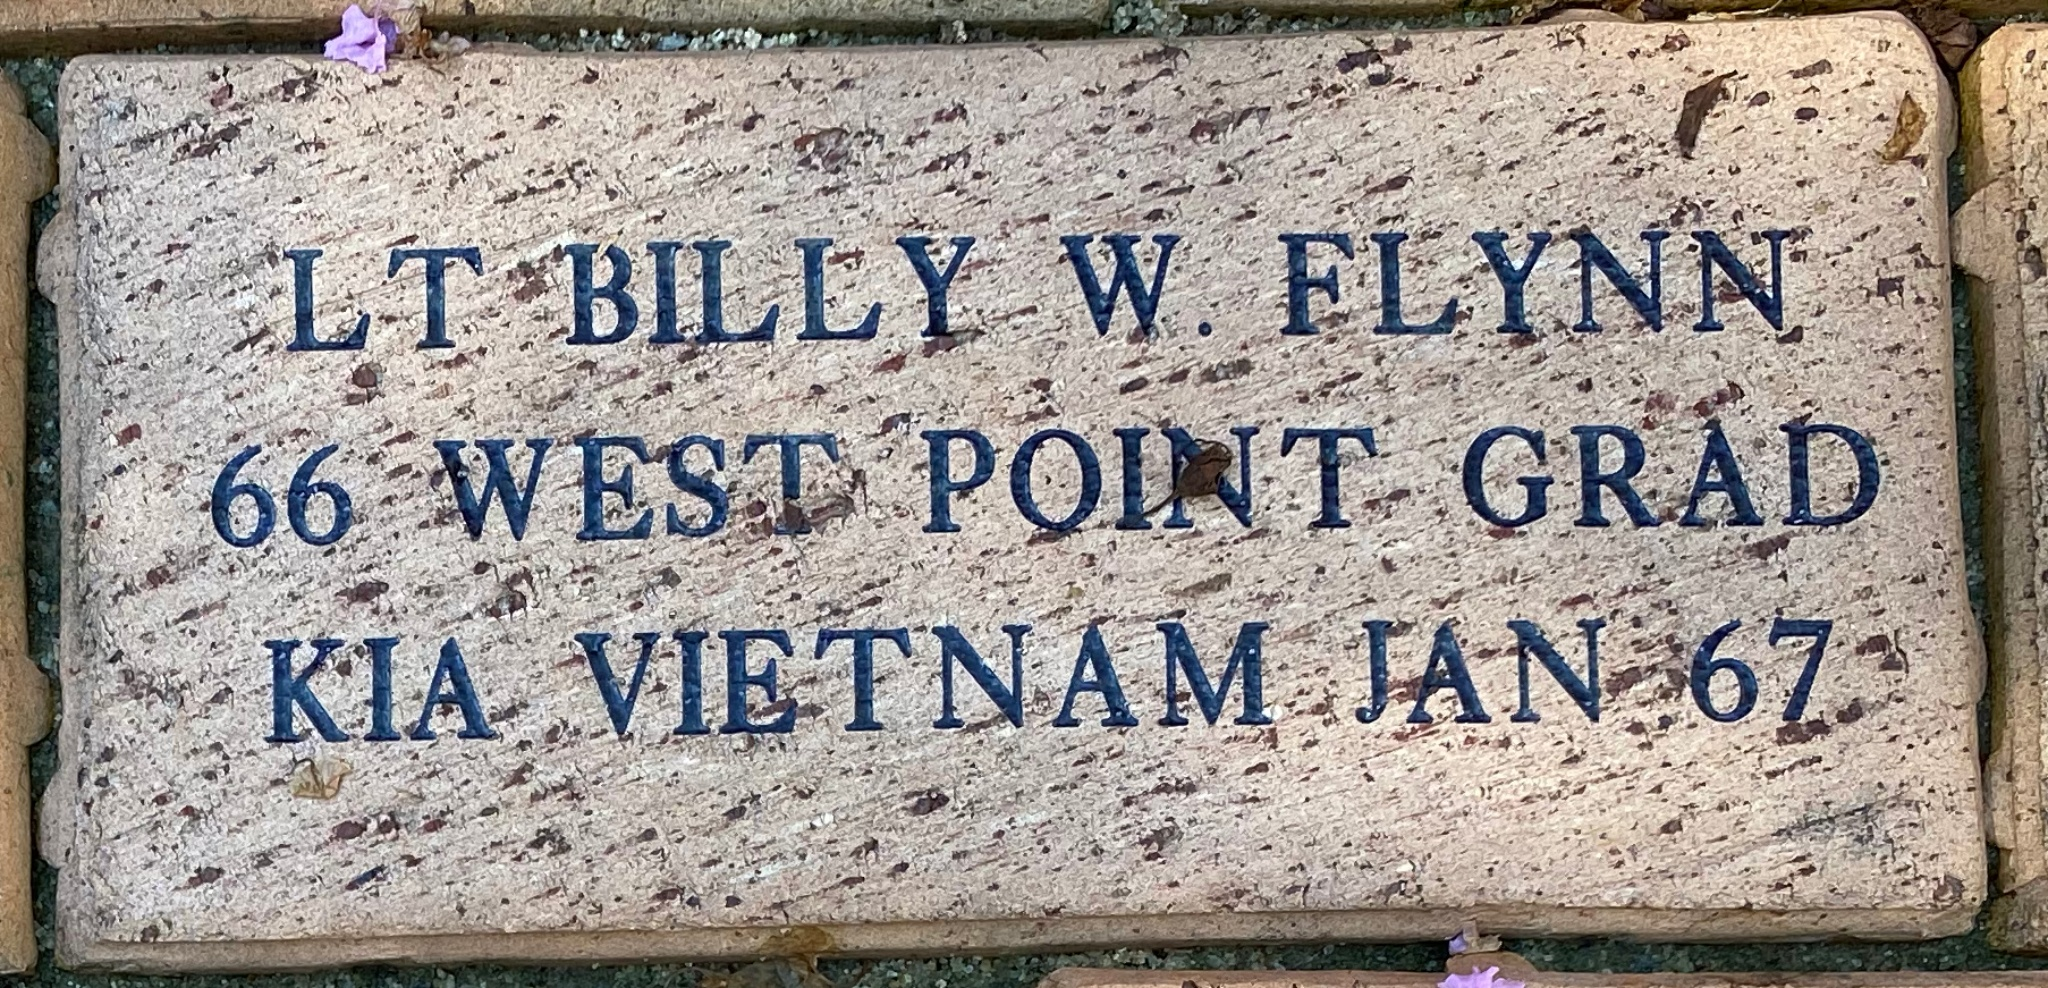 LT. BILLY W. FLYNN 66 WEST POINT GRAD KIA VIETNAM JAN 67